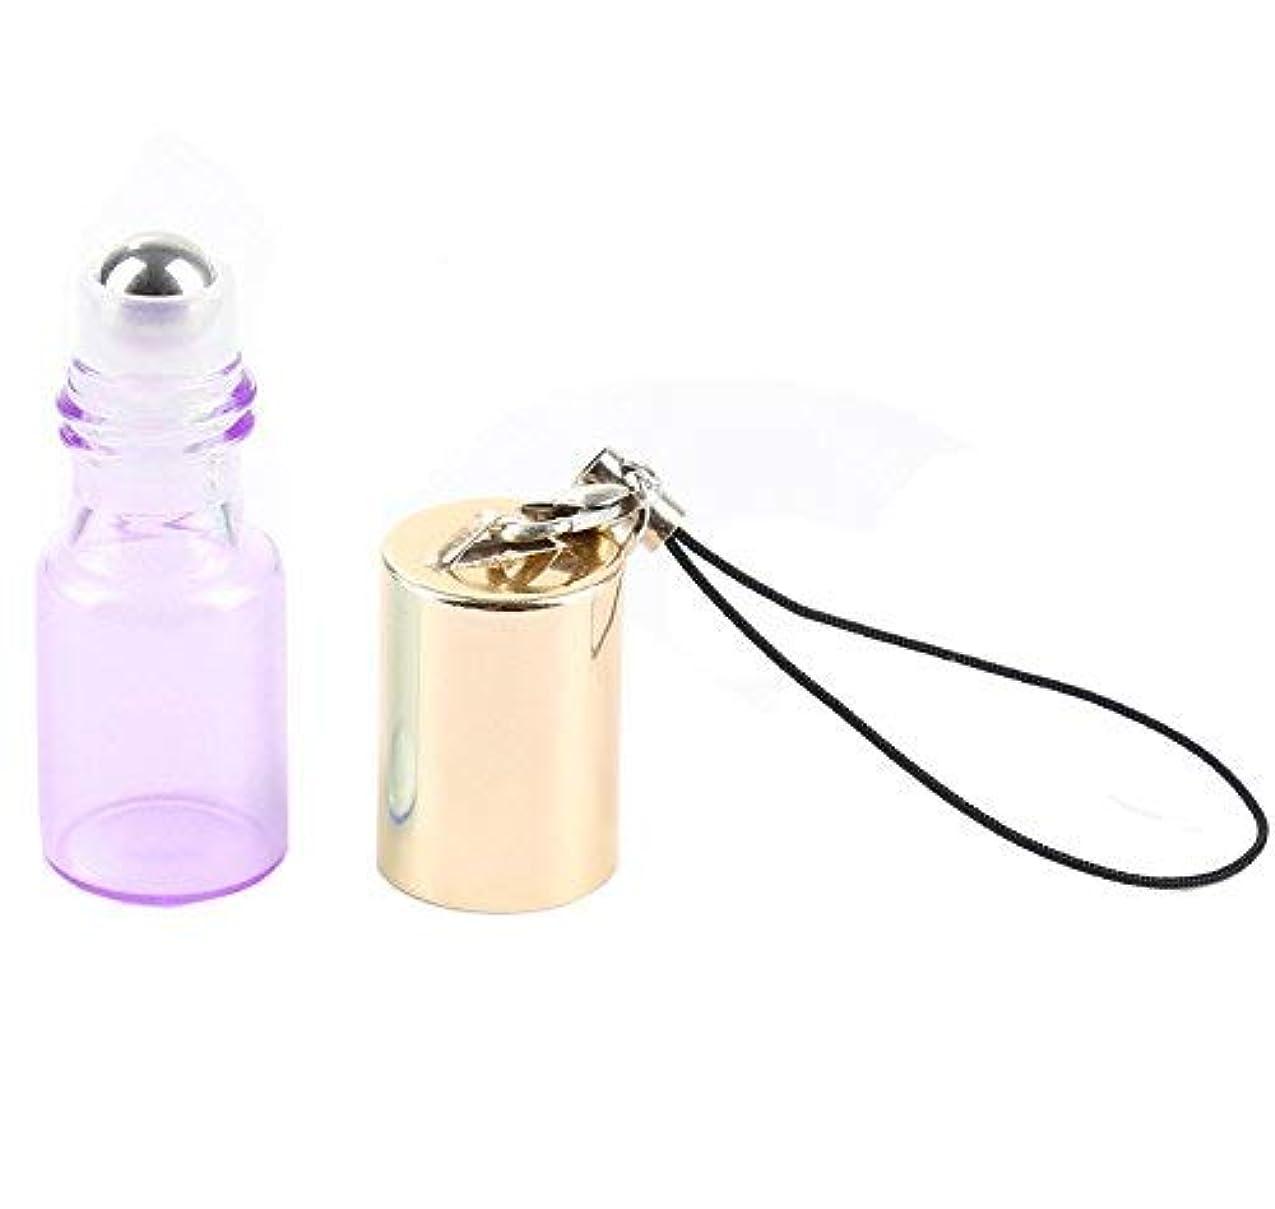 自信がある繁栄設計図Empty Roller Bottles - Pack of 12 3ml Pearl Colored Glass Roll-on Bottles for Essential Oil Container with Golden Hanging Lids and 1Pc 3ml Droppers Included (Purple) [並行輸入品]